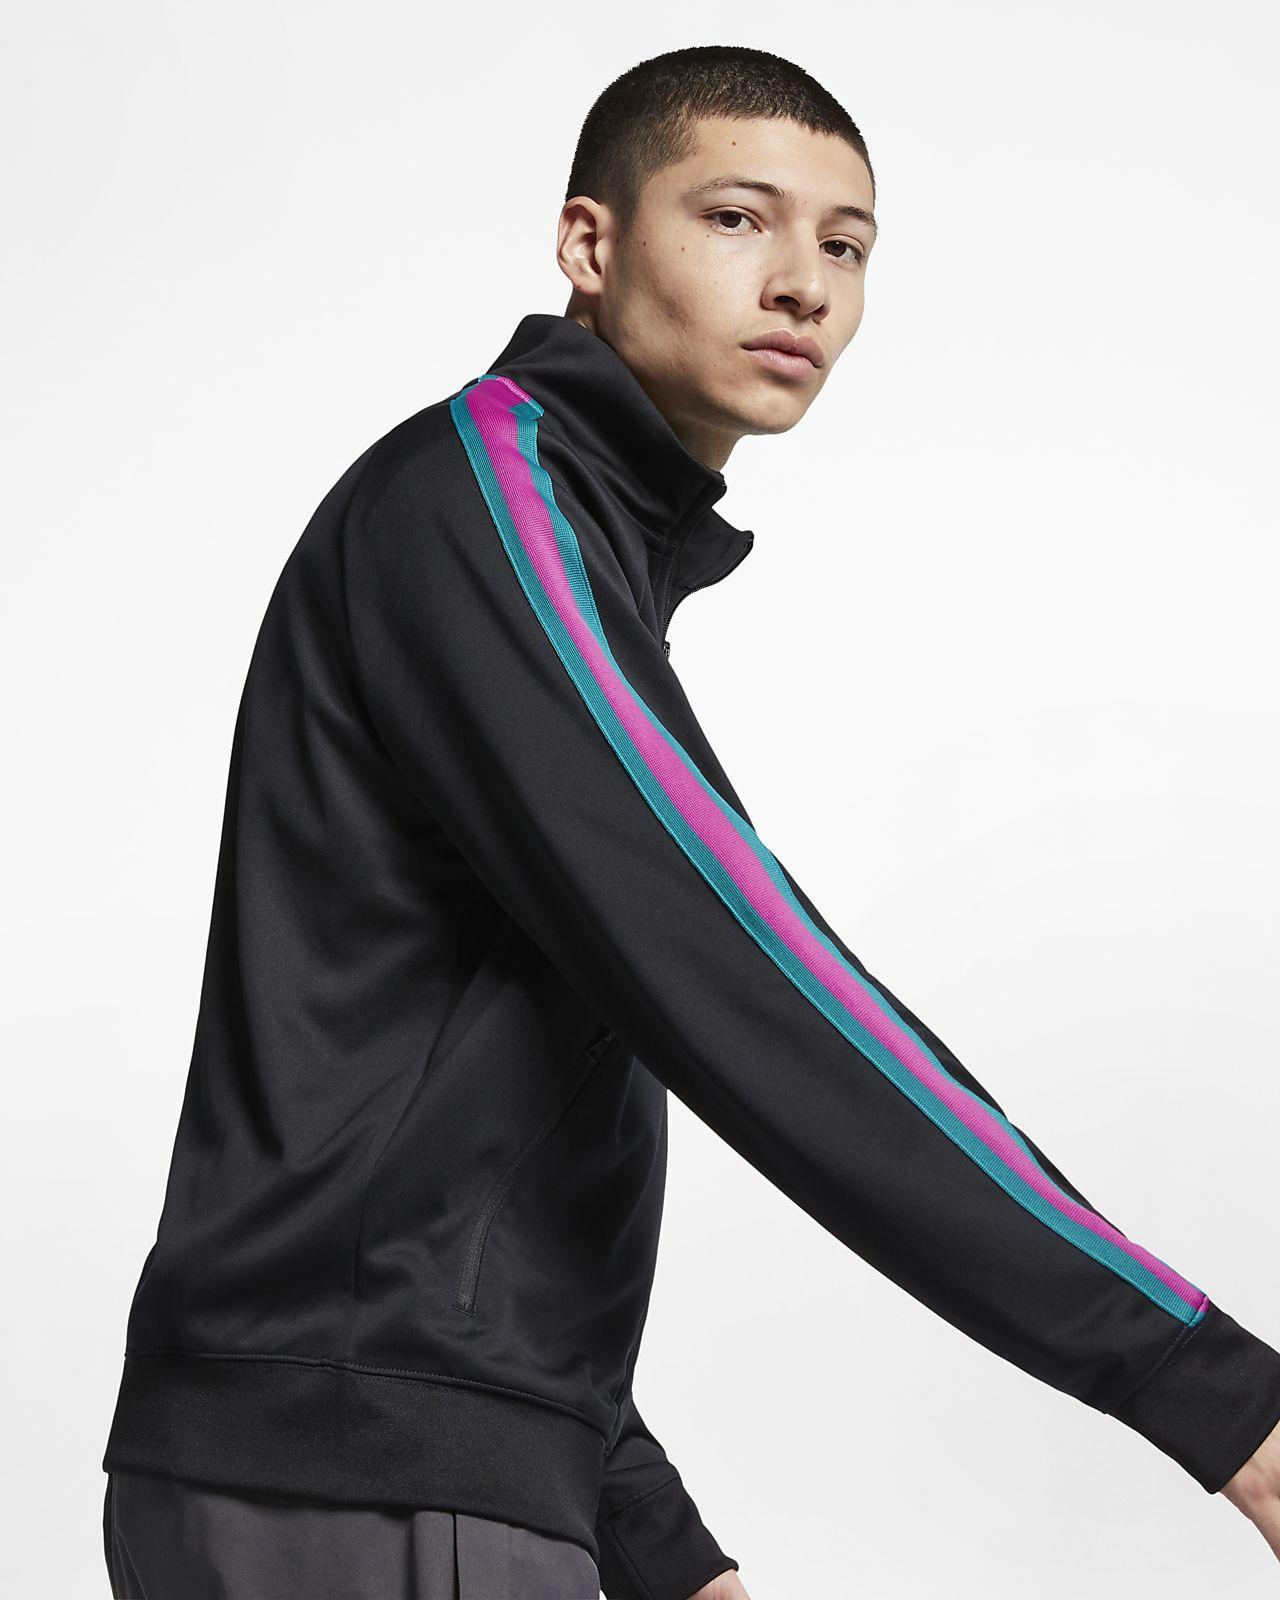 938d87b45a8f Nike Sportswear N98 Men s Knit Warm-Up Jacket. Nike.com ZA